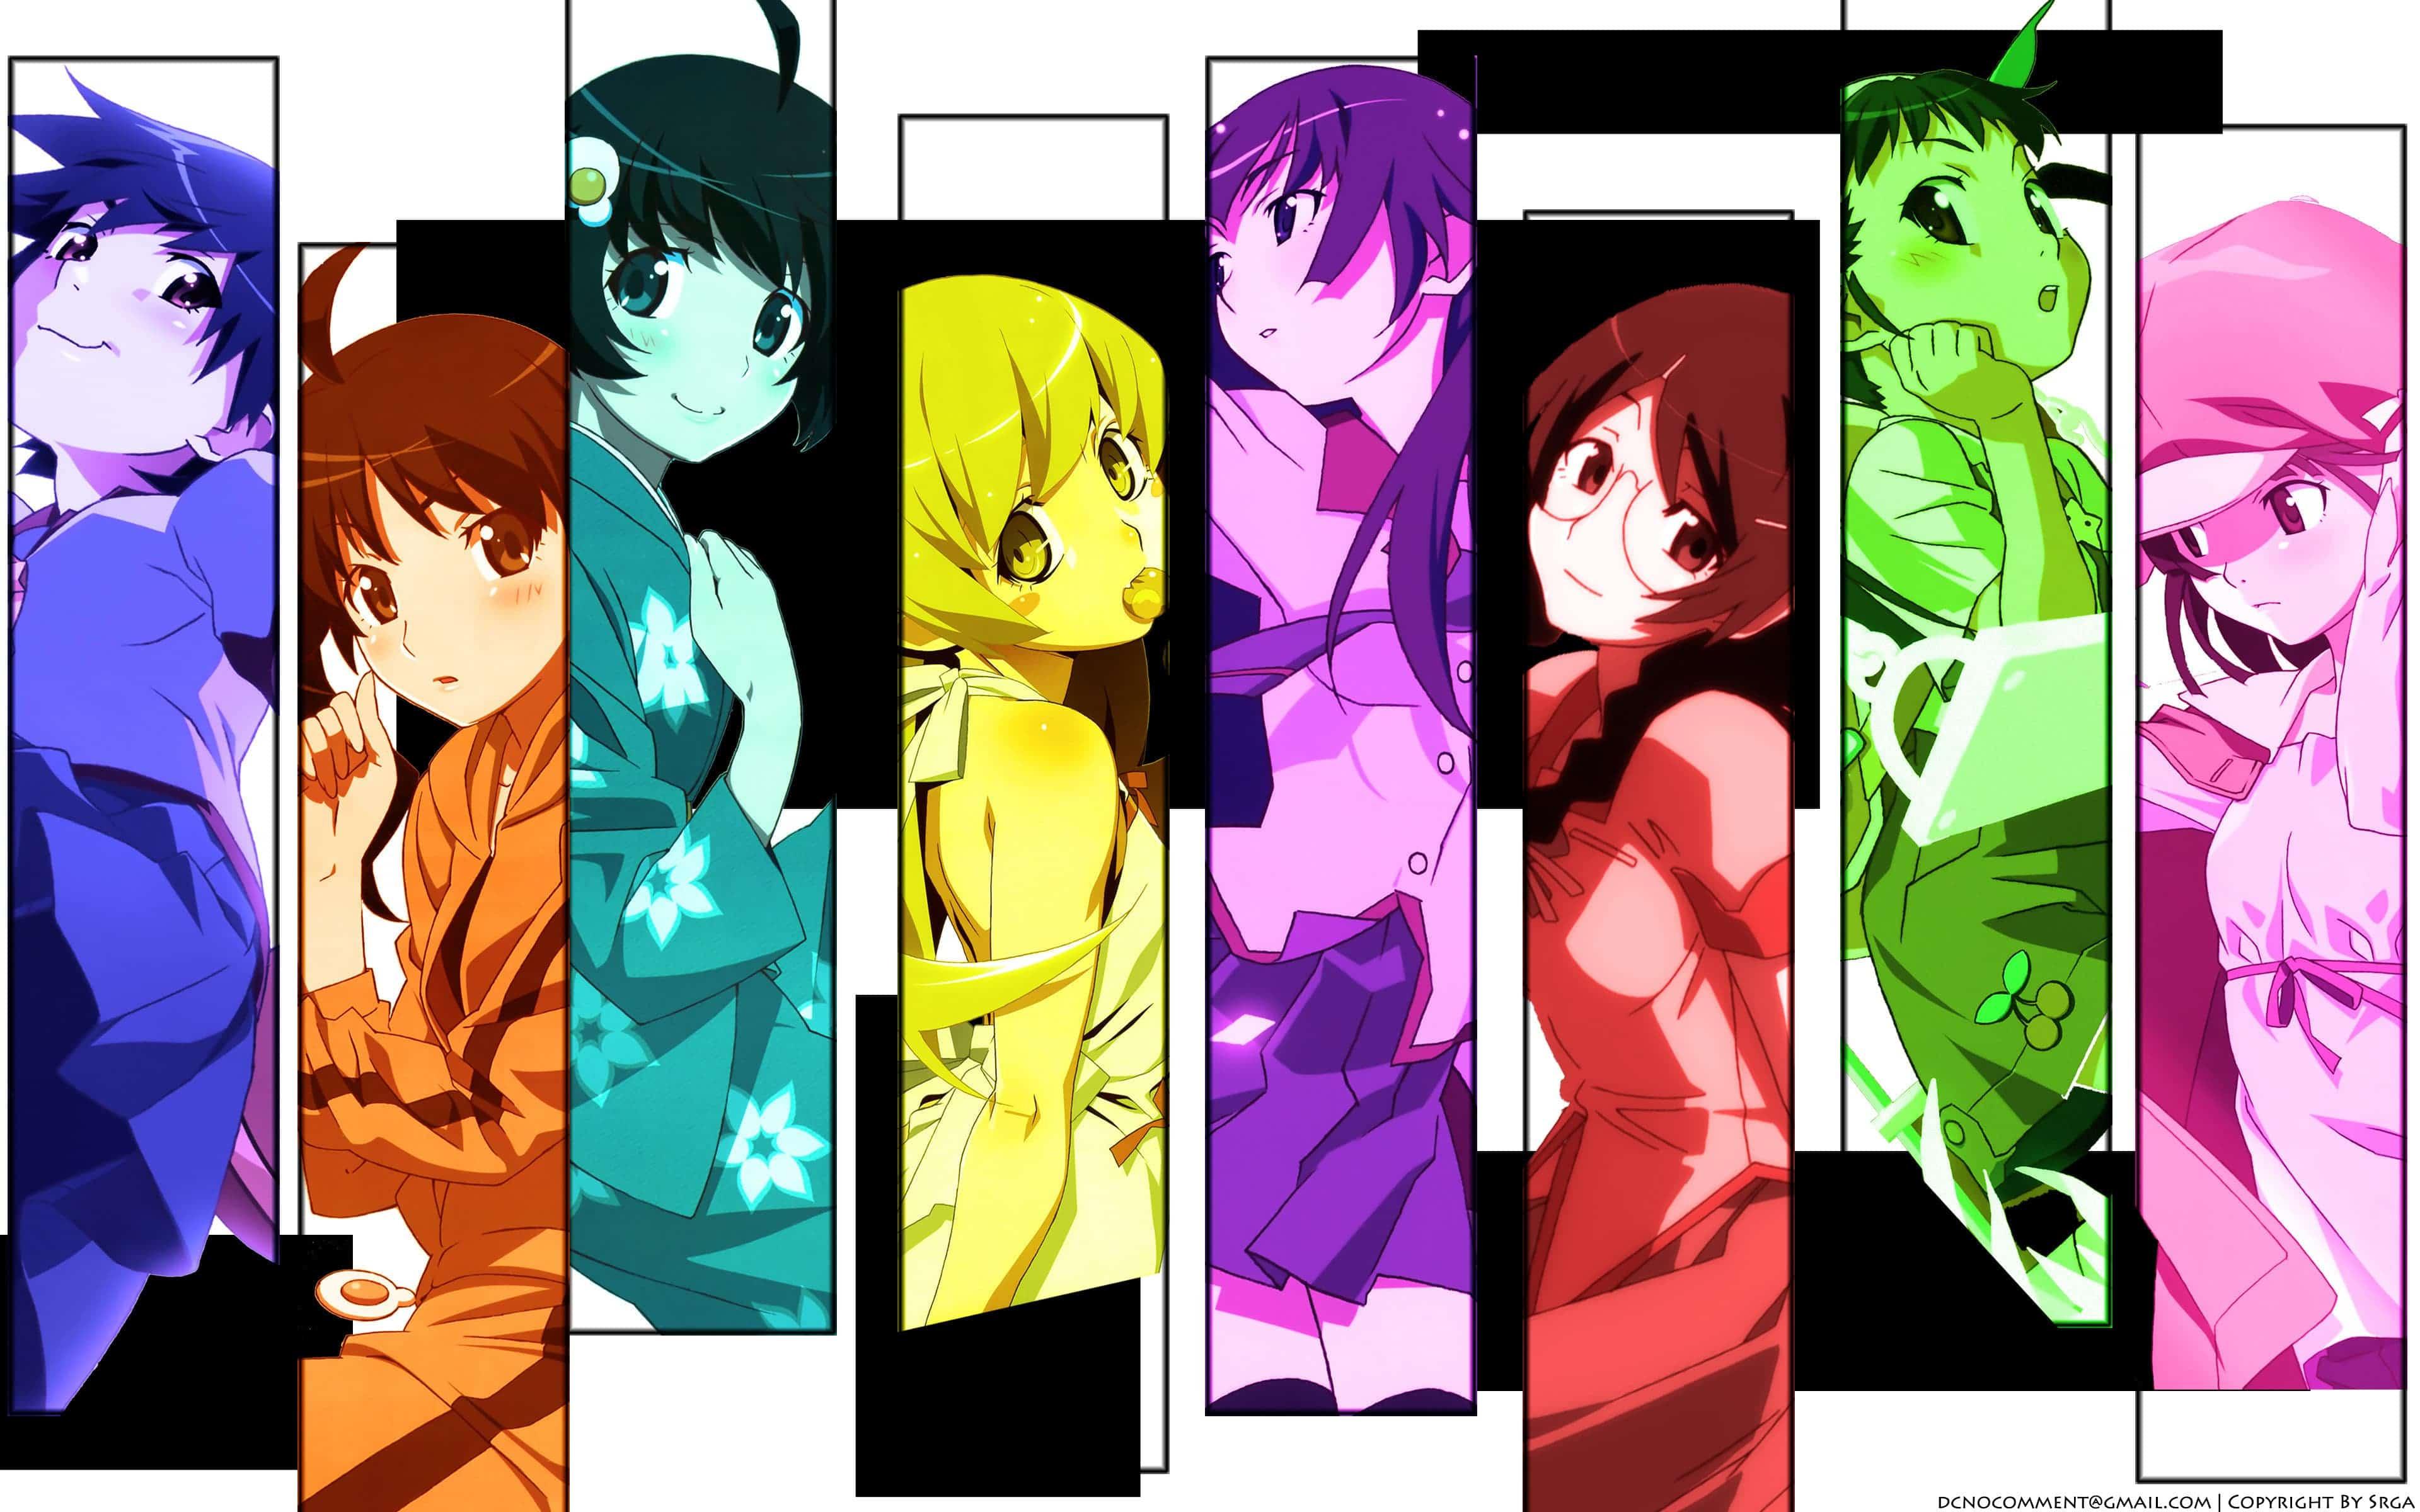 Monogatari Series Watch Order by author